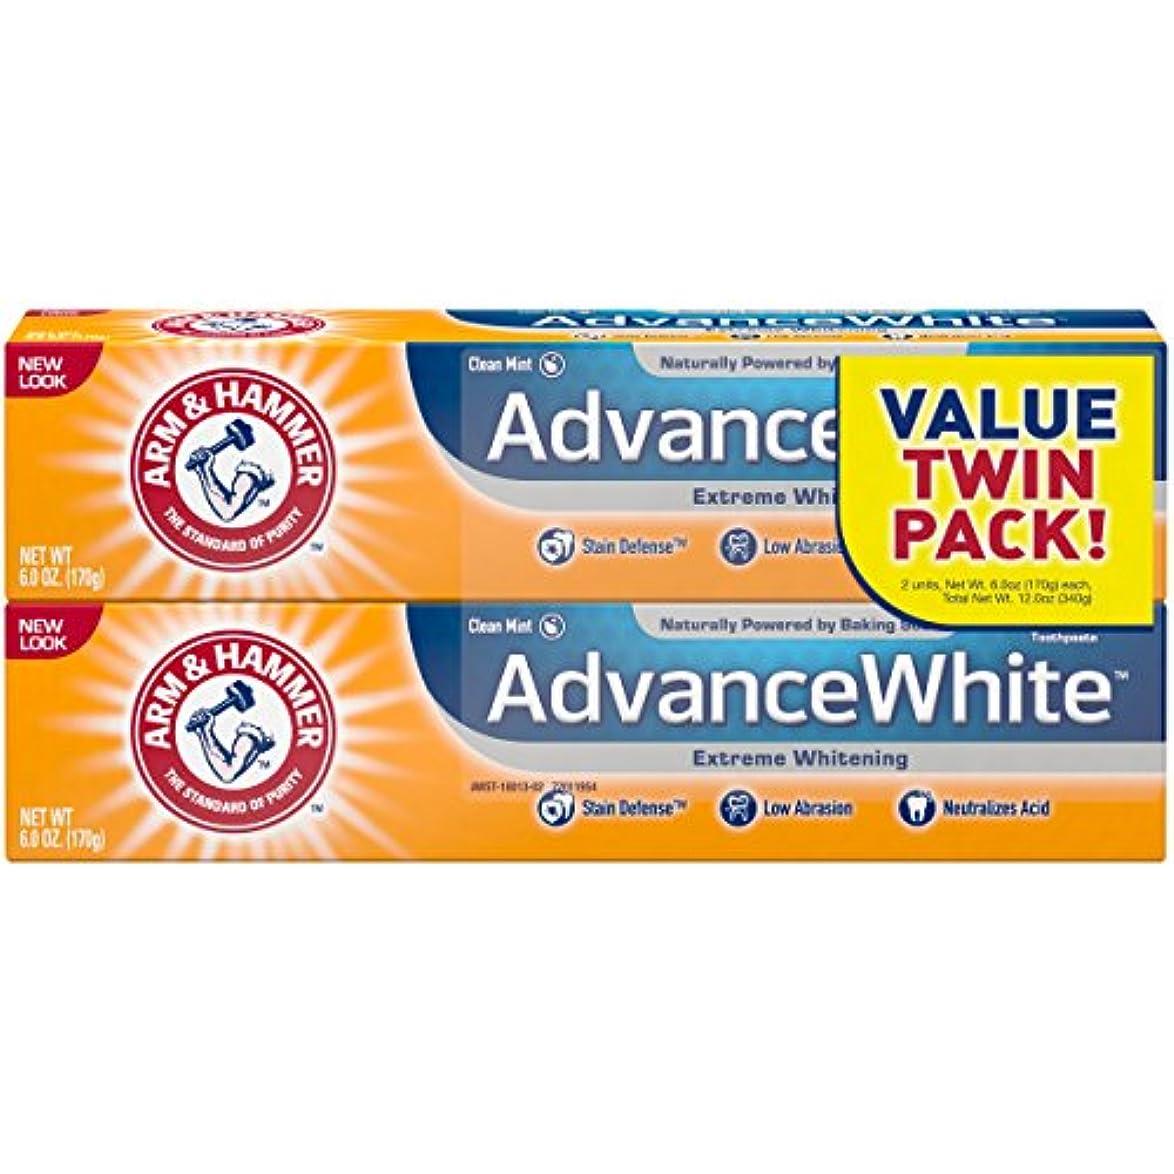 湿度シンプルな作家Arm & Hammer アーム&ハマー アドバンス ホワイト 歯磨き粉 2個パック Toothpaste with Baking Soda & Peroxide